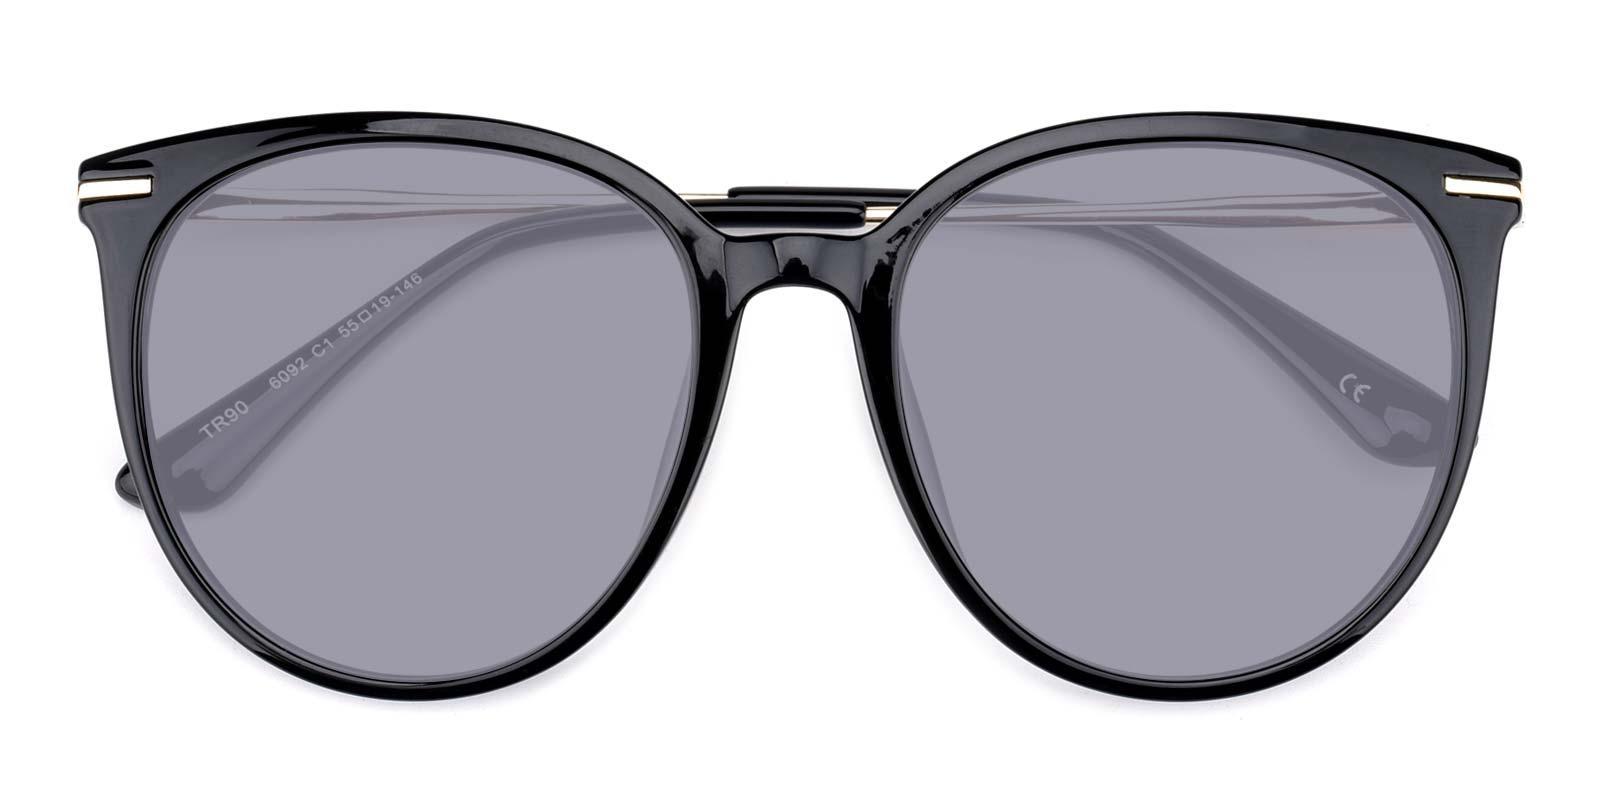 Memoria-Black-Round / Cat-Metal / Combination / TR-Sunglasses-detail